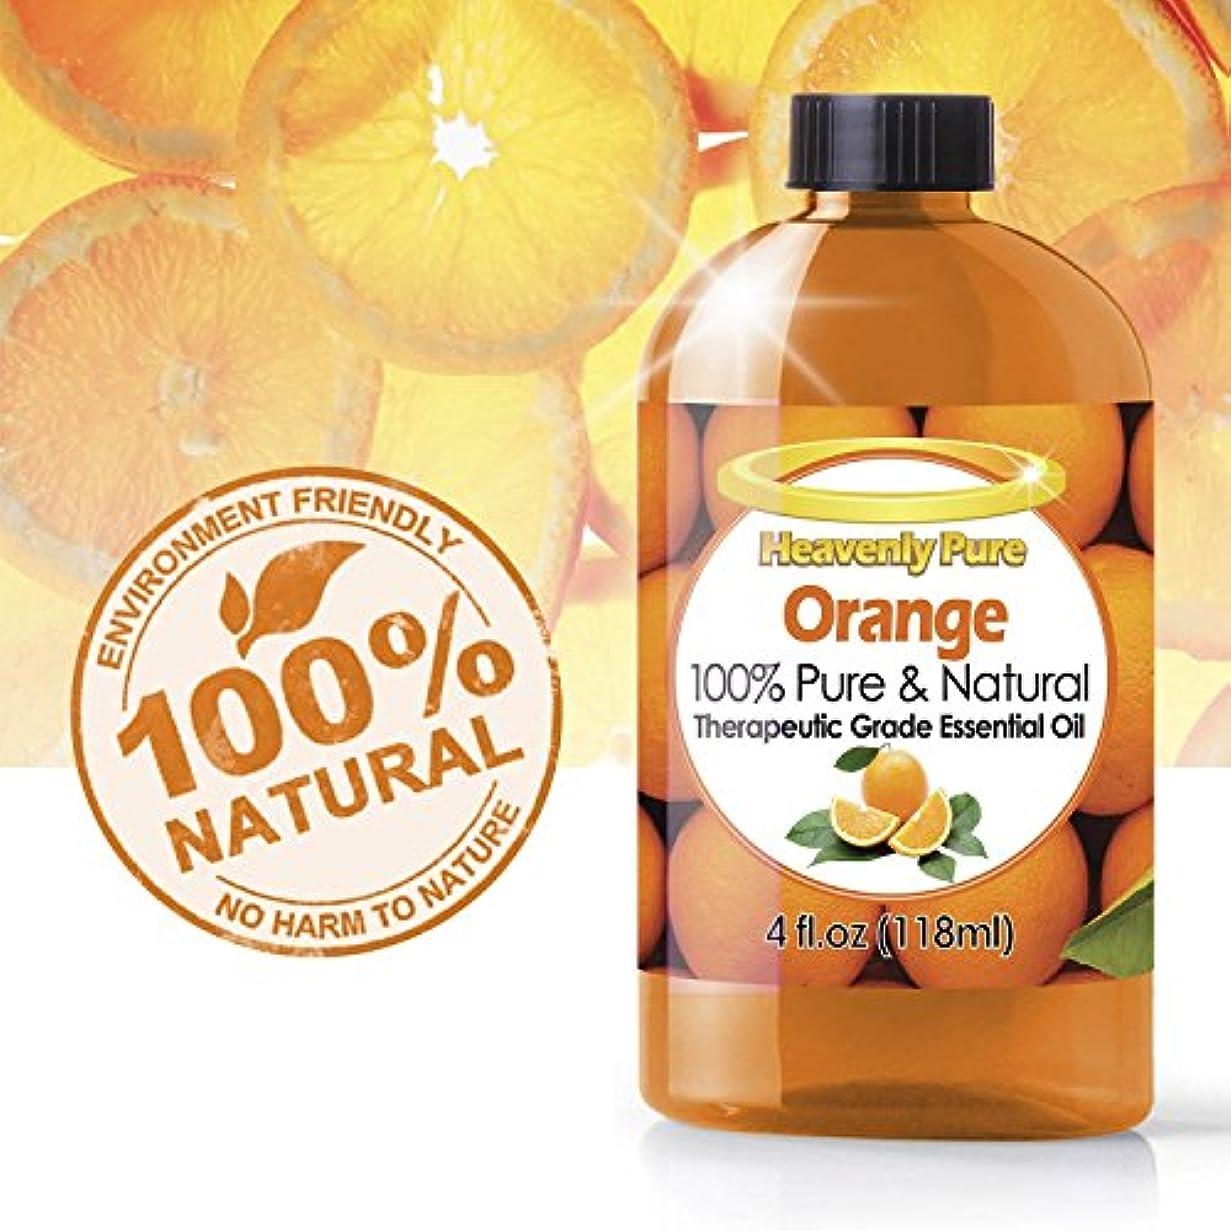 帰る偽物男やもめオレンジエッセンシャルオイル(HUGE 4 OZ)アイドロップ剤 - 100%ピュア&ナチュラルスイートシトラスアロマ - 治療グレード - オレンジオイルはアロマセラピー、イミュニティ、天然抗菌、および洗浄に最適です